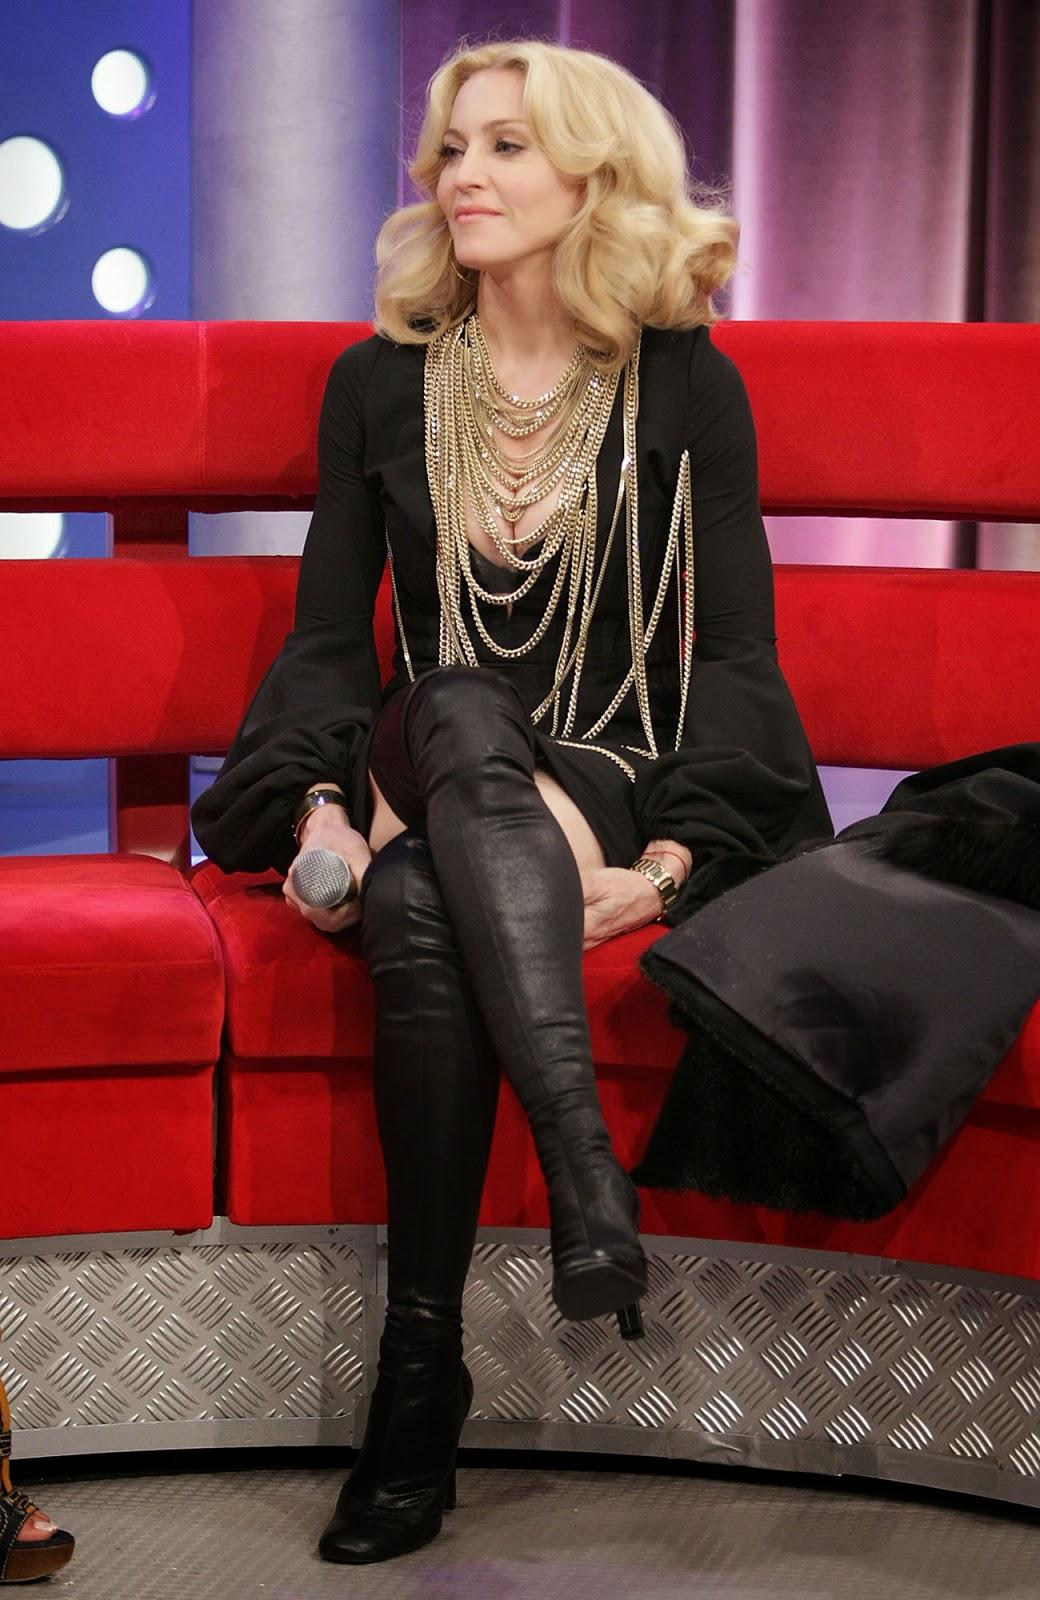 World Hot Actress: Madonna hot black spicy white Vanity Fair Magazine hd stills photos